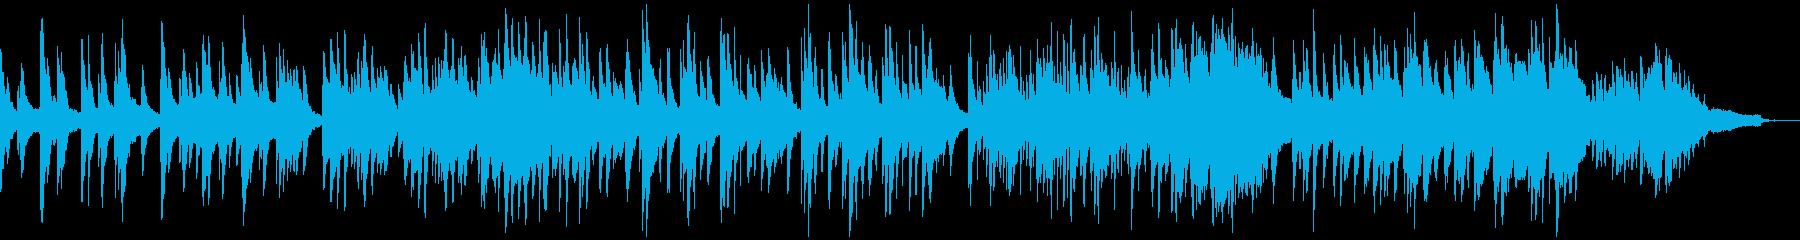 映像・ナレーション用ピアノ演奏(安らぎ)の再生済みの波形